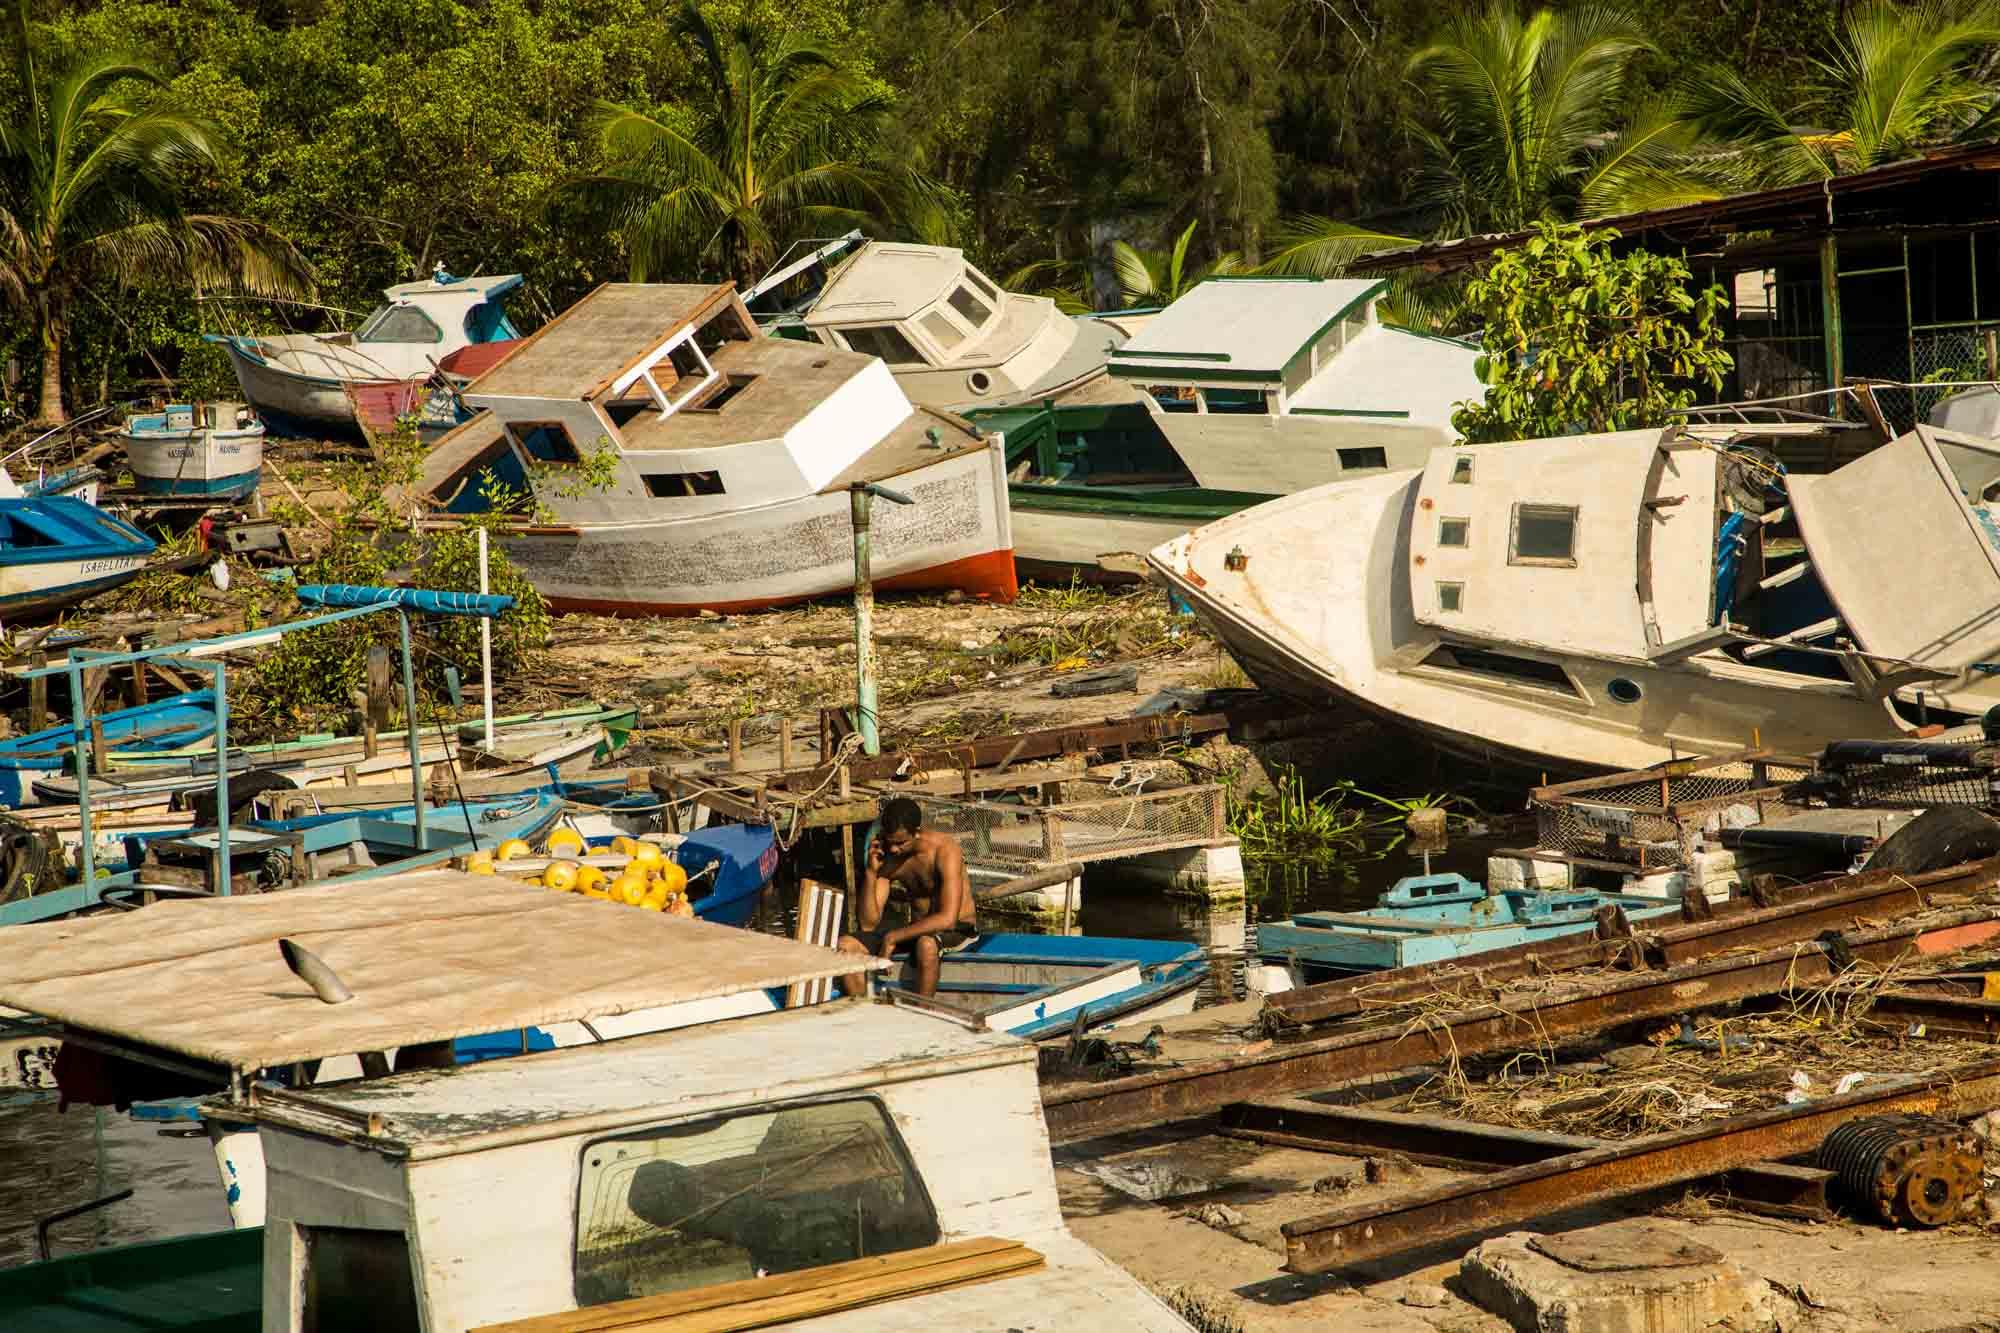 Los botes que estaban pendientes de reparación en la base de pesca fueron los más afectados por el huracán (Foto: Jorge Ricardo)